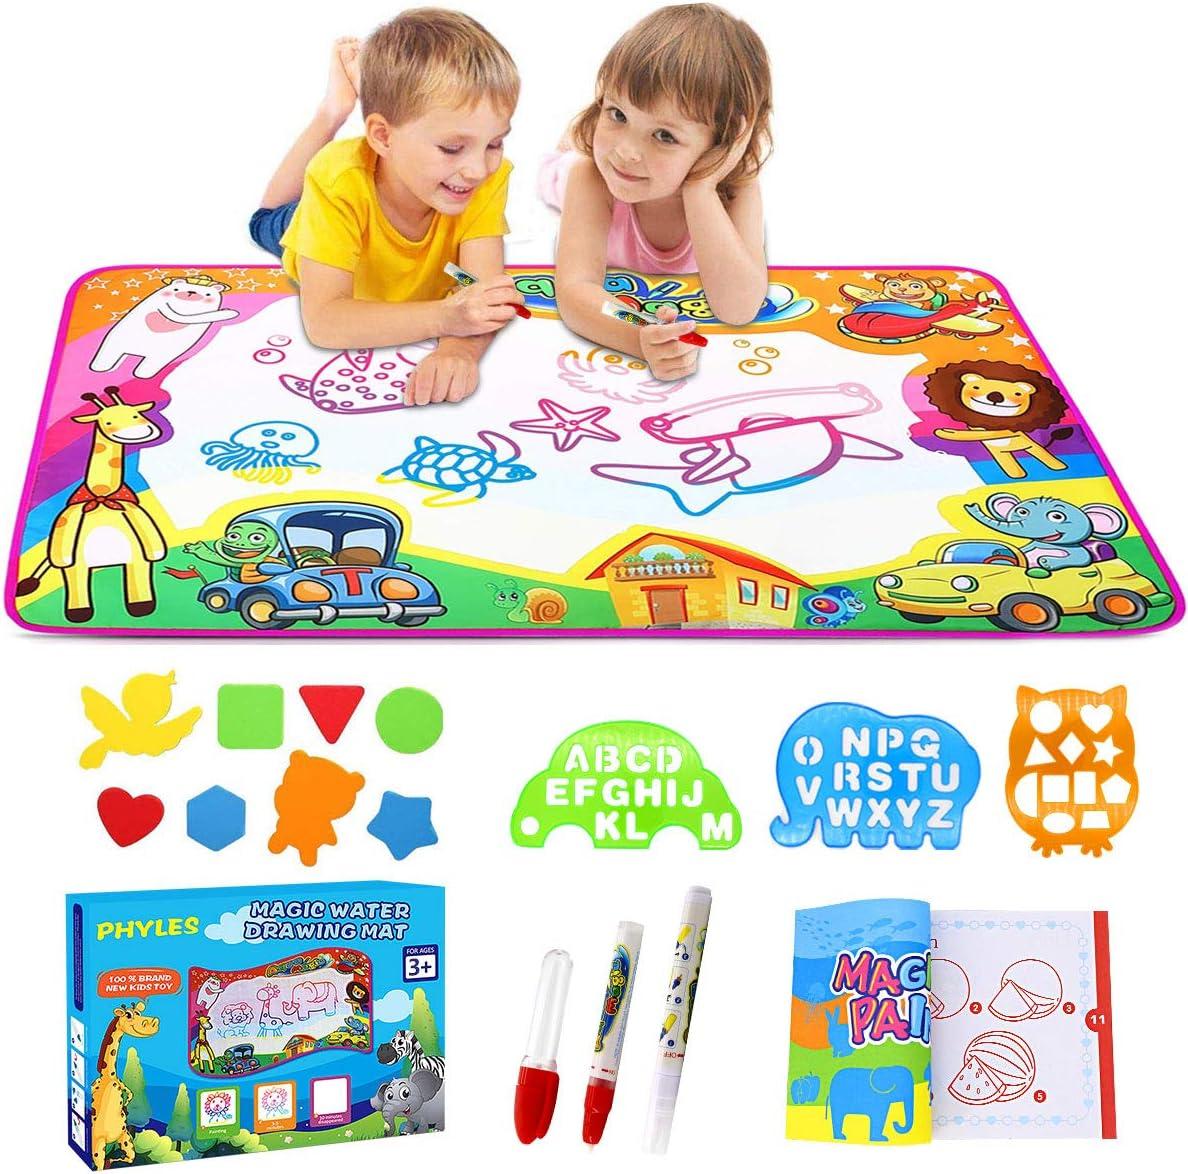 PHYLES Agua Dibujo Pintura, Juegos de Agua, Pizarra Mágica, Pizarra Infantil, Juguetes de Dibujo para niños, Juguete Educativo, Regalo para Niños (M)